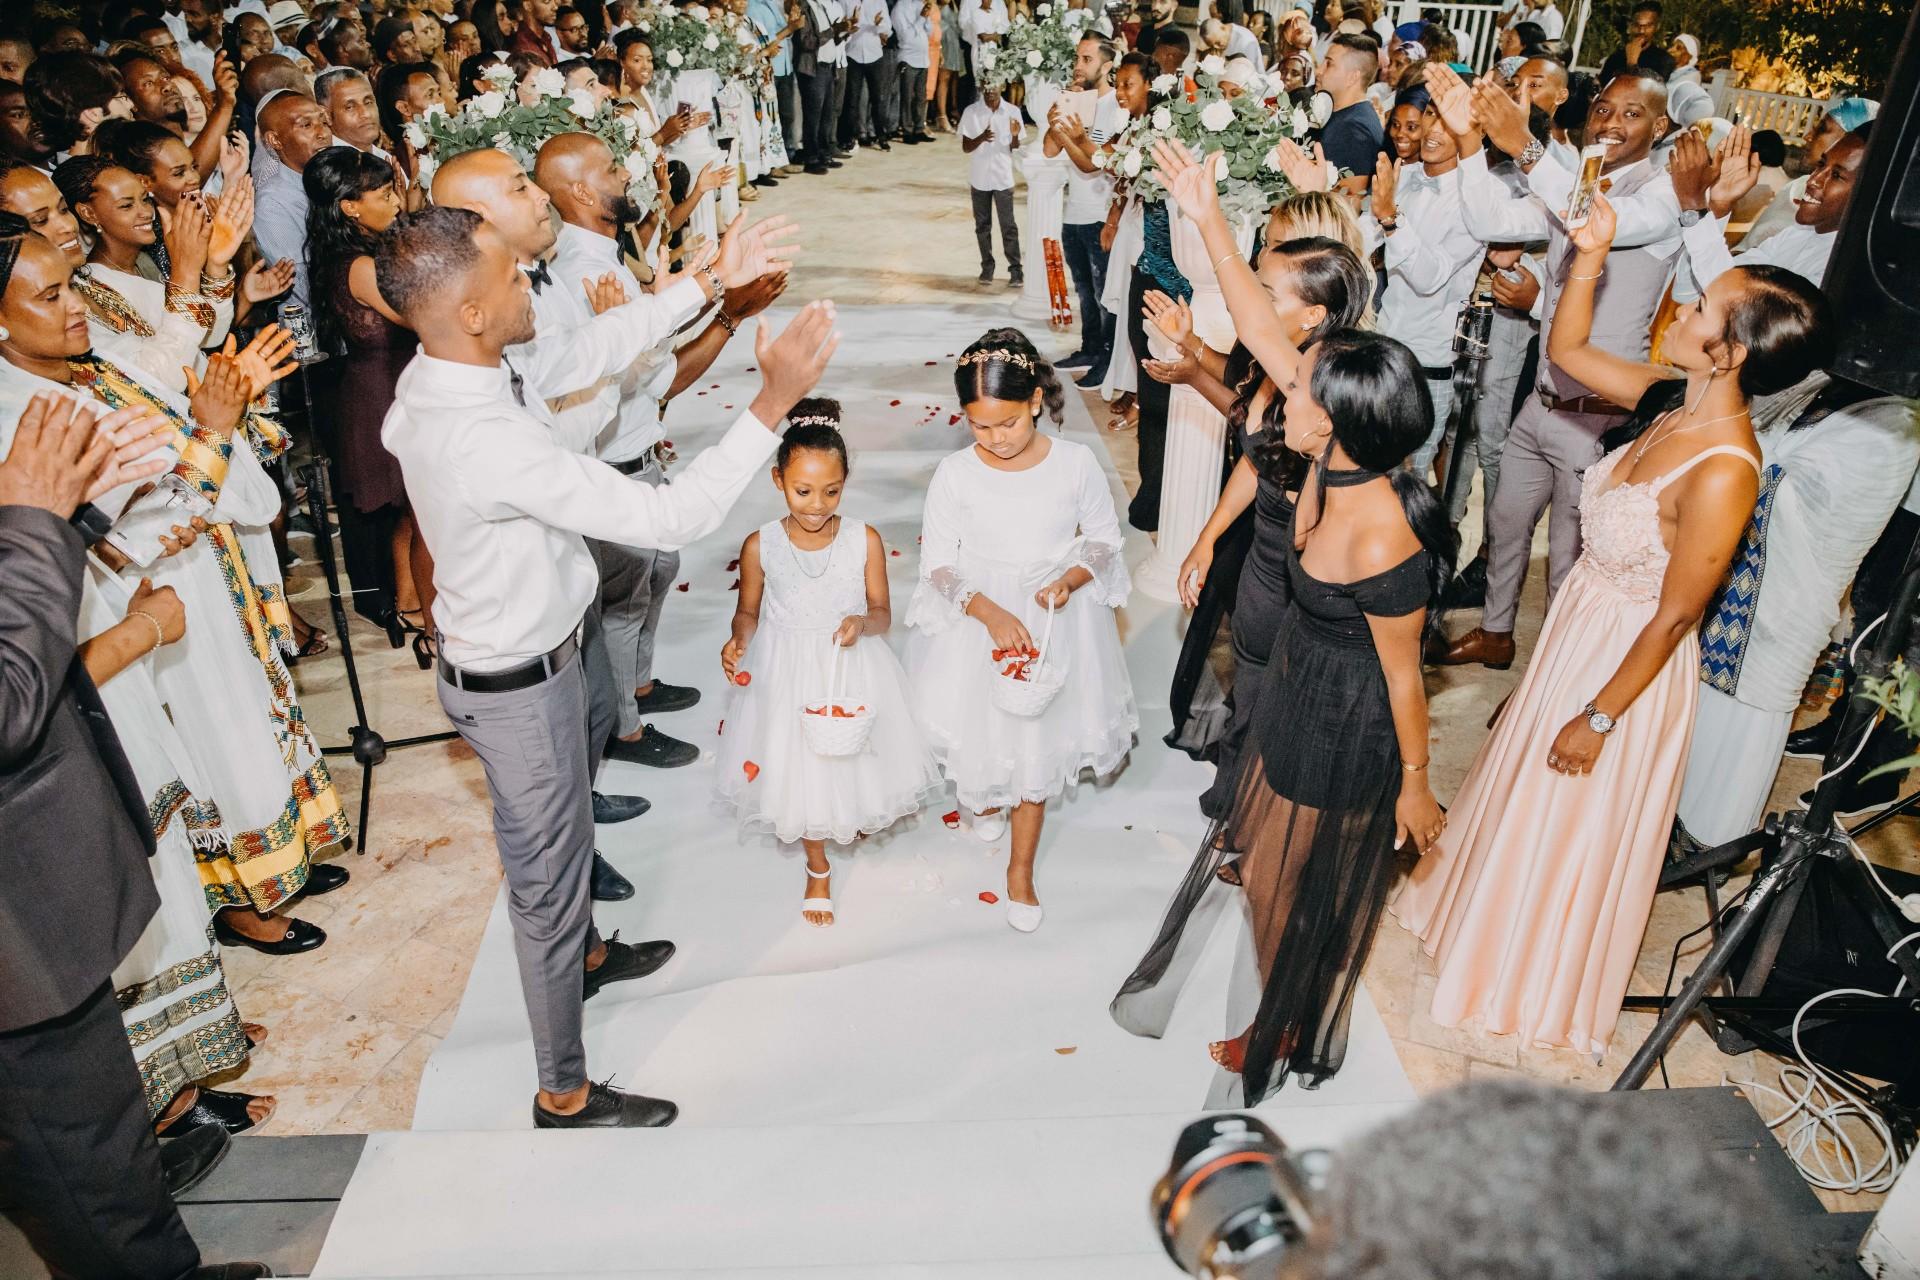 הכי קול שיש: החתונה של אסתי ויעקב